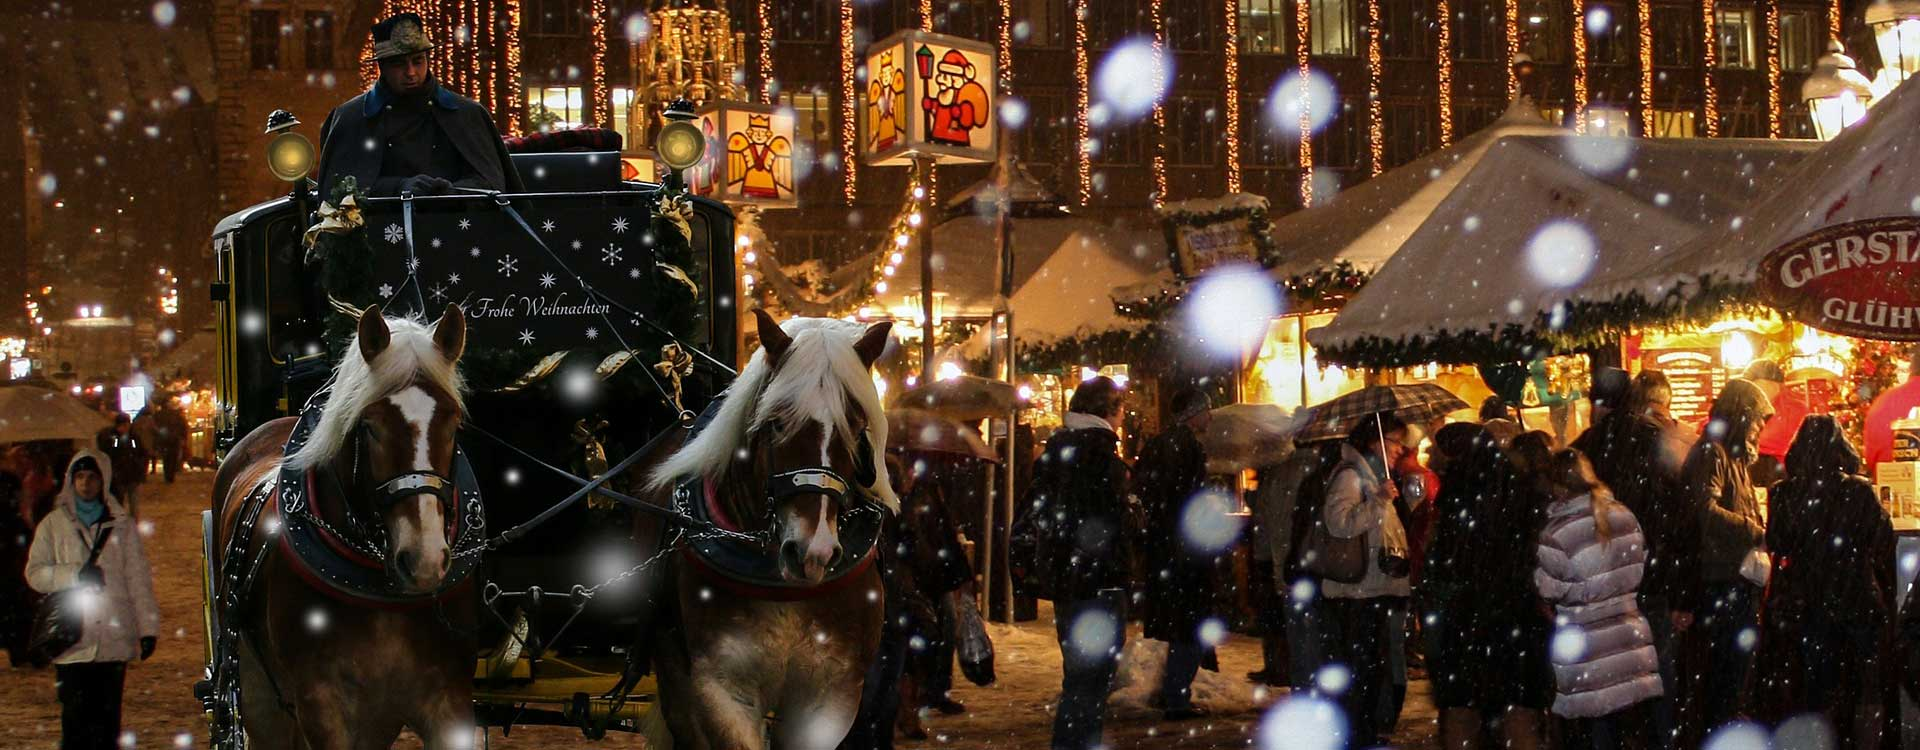 Christkindlesmarkt in Nürnberg fällt dieses Jahr leider aus, virtueller Corona Weihnachtsmarkt bei chocri findet statt